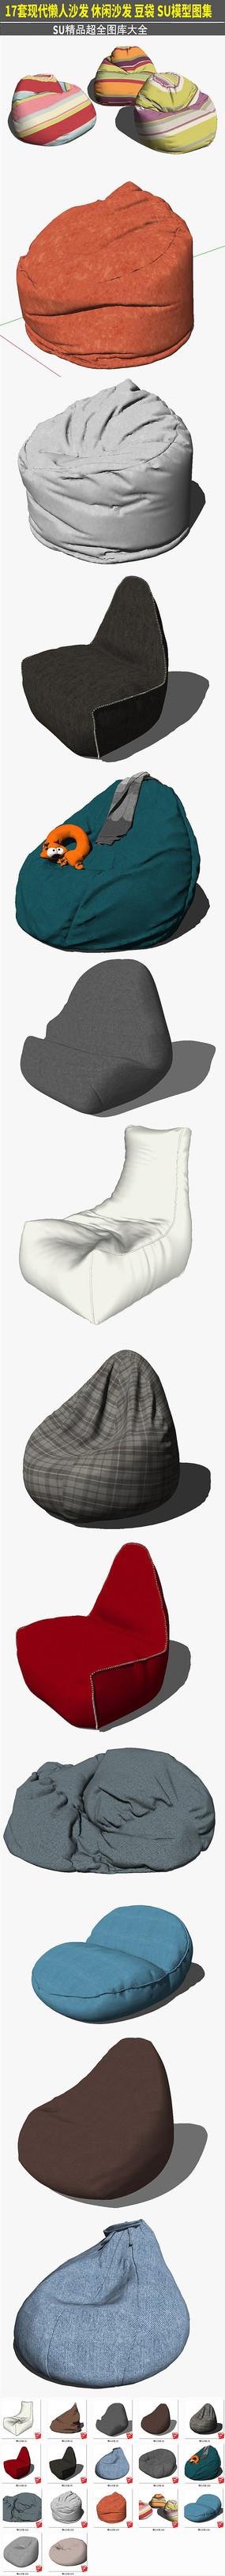 现代懒人沙发模型图集 skp